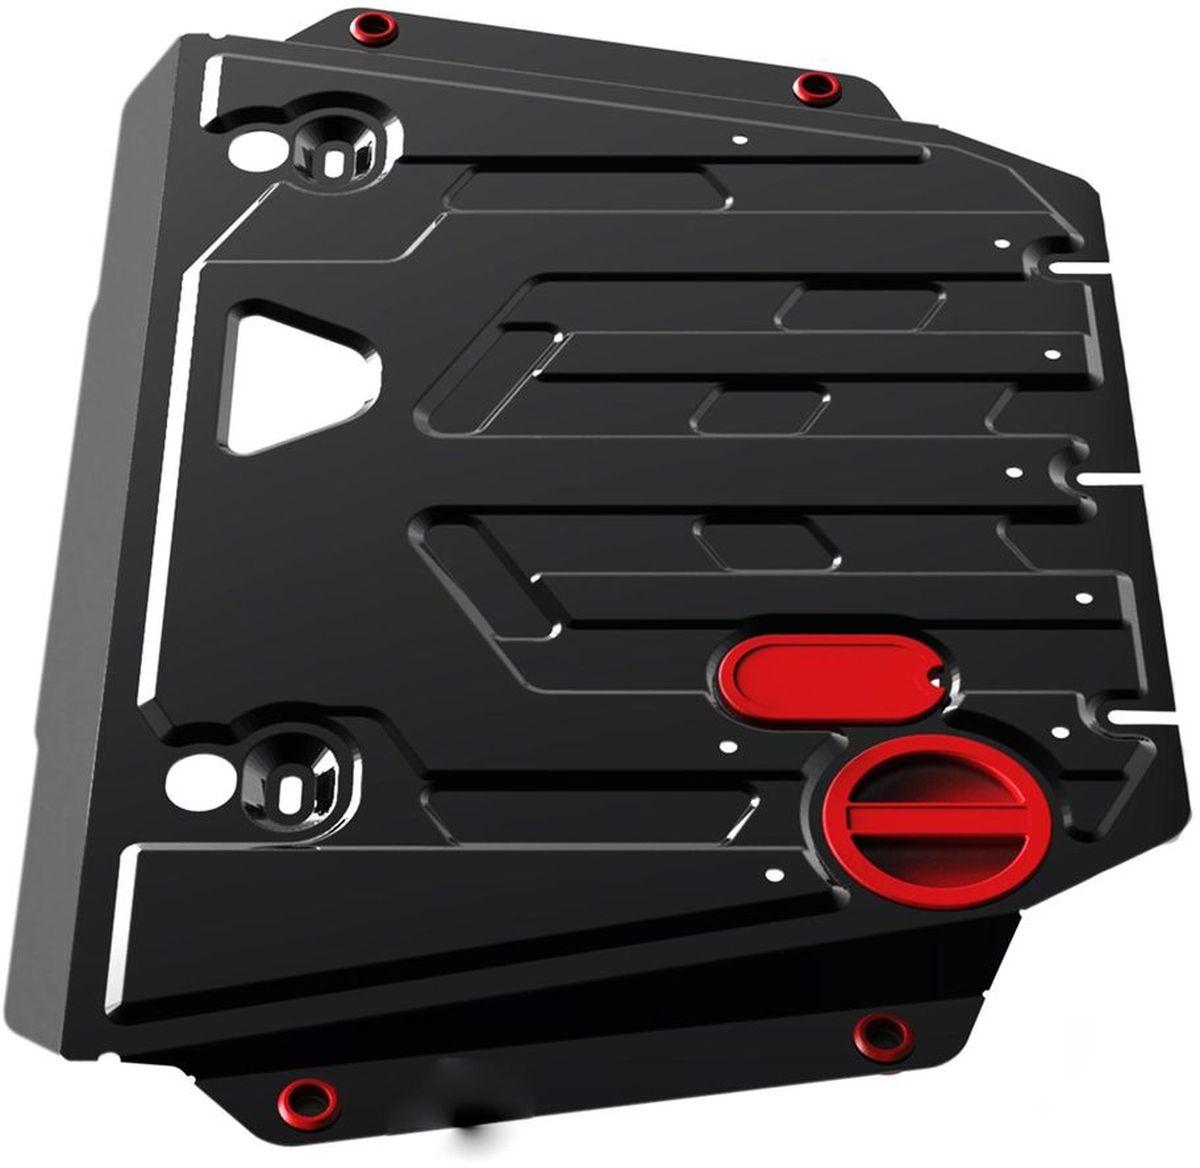 Защита картера и КПП Автоброня, для Chery Tiggo V - 1,8; 2,0 (2005-2013)98298130Технологически совершенный продукт за невысокую стоимость.Защита разработана с учетом особенностей днища автомобиля, что позволяет сохранить дорожный просвет с минимальным изменением.Защита устанавливается в штатные места кузова автомобиля. Глубокий штамп обеспечивает до двух раз больше жесткости в сравнении с обычной защитой той же толщины. Проштампованные ребра жесткости препятствуют деформации защиты при ударах.Тепловой зазор и вентиляционные отверстия обеспечивают сохранение температурного режима двигателя в норме. Скрытый крепеж предотвращает срыв крепежных элементов при наезде на препятствие.Шумопоглощающие резиновые элементы обеспечивают комфортную езду без вибраций и скрежета металла, а съемные лючки для слива масла и замены фильтра - экономию средств и время.Конструкция изделия не влияет на пассивную безопасность автомобиля (при ударе защита не воздействует на деформационные зоны кузова). Со штатным крепежом. В комплекте инструкция по установке.Толщина стали: 2 мм.Уважаемые клиенты!Обращаем ваше внимание, что элемент защиты имеет форму, соответствующую модели данного автомобиля. Фото служит для визуального восприятия товара и может отличаться от фактического.